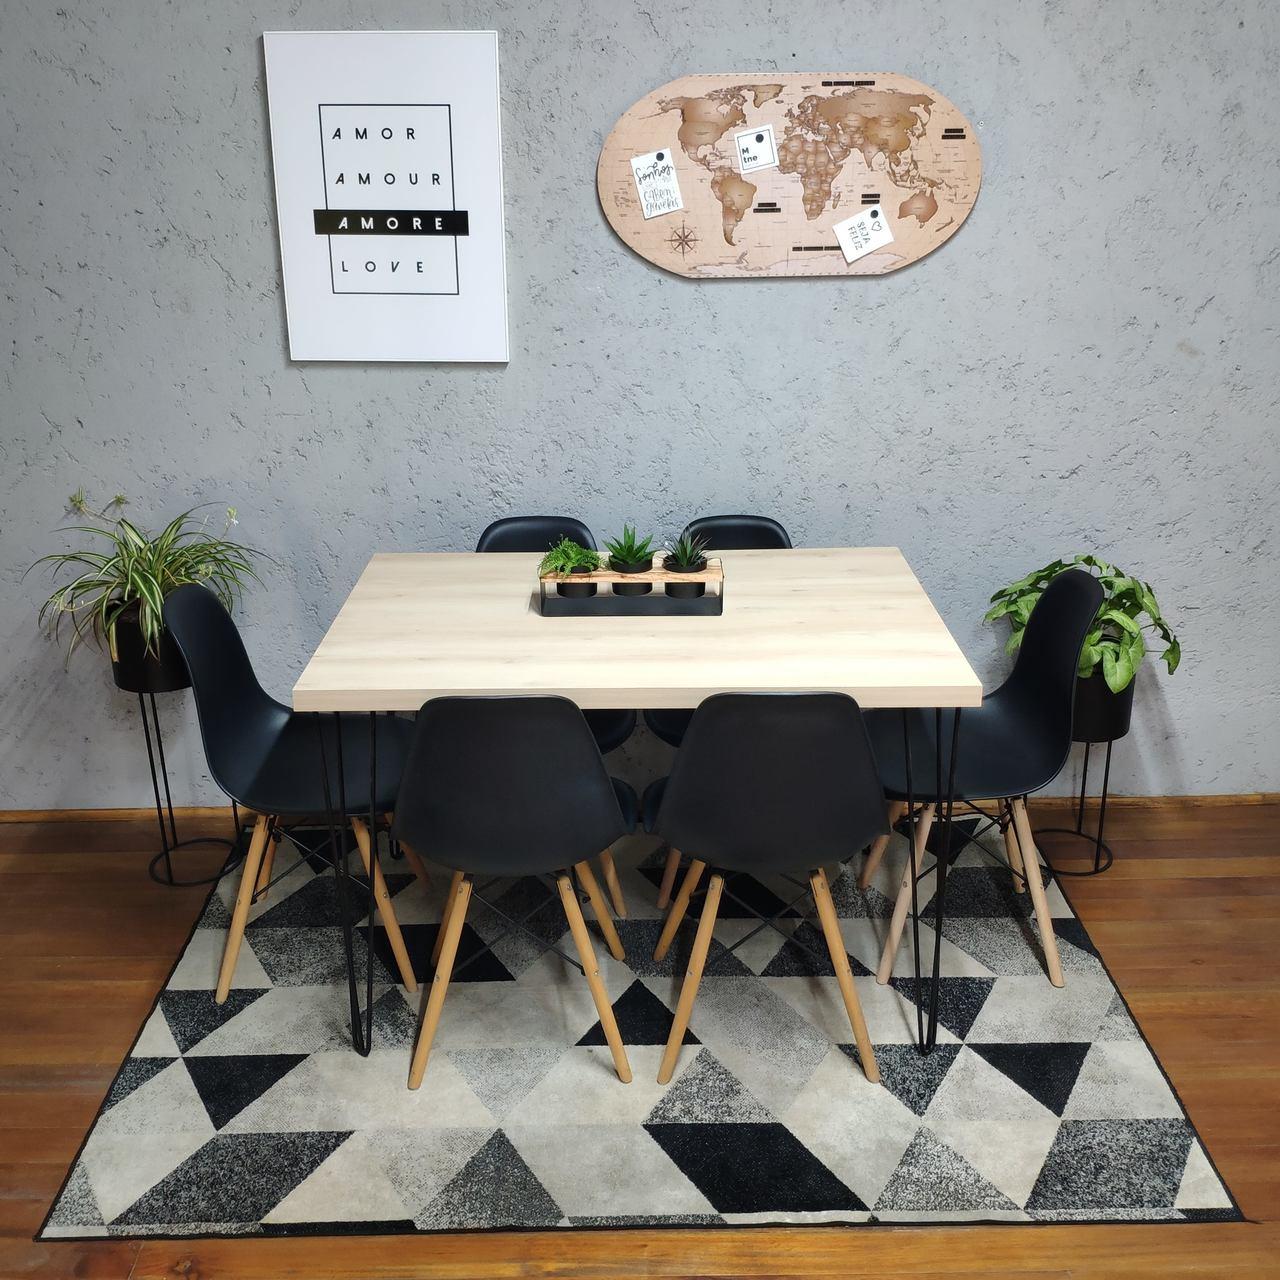 Mesa de Jantar Faia Hairpin Legs 90x140 com 6 Cadeiras Eames Pretas